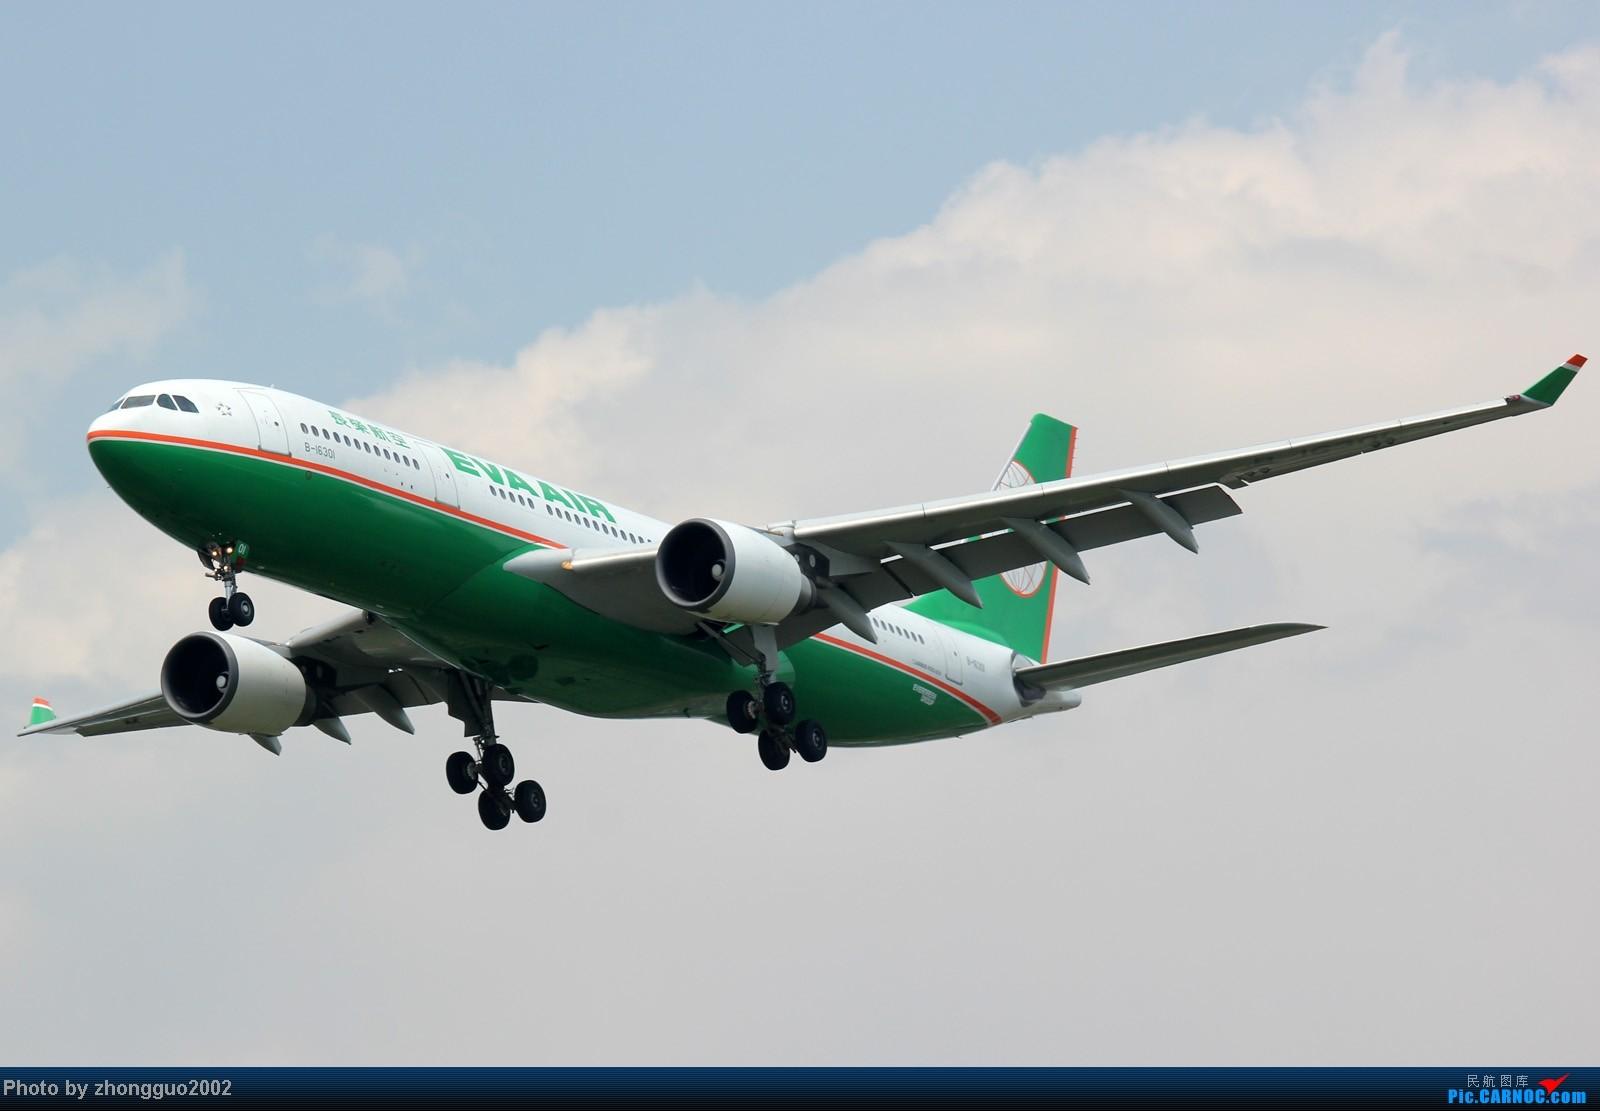 Re:[原创]东航的新邮戳321,世博彩绘机,南航、瑞丽、河北、深圳航空的新飞机,香港航空、长荣航空、远东、韩国济州航空的飞机,国航772,大大小小一堆飞机!!!! AIRBUS A330-200 B-16301 中国呼和浩特白塔机场